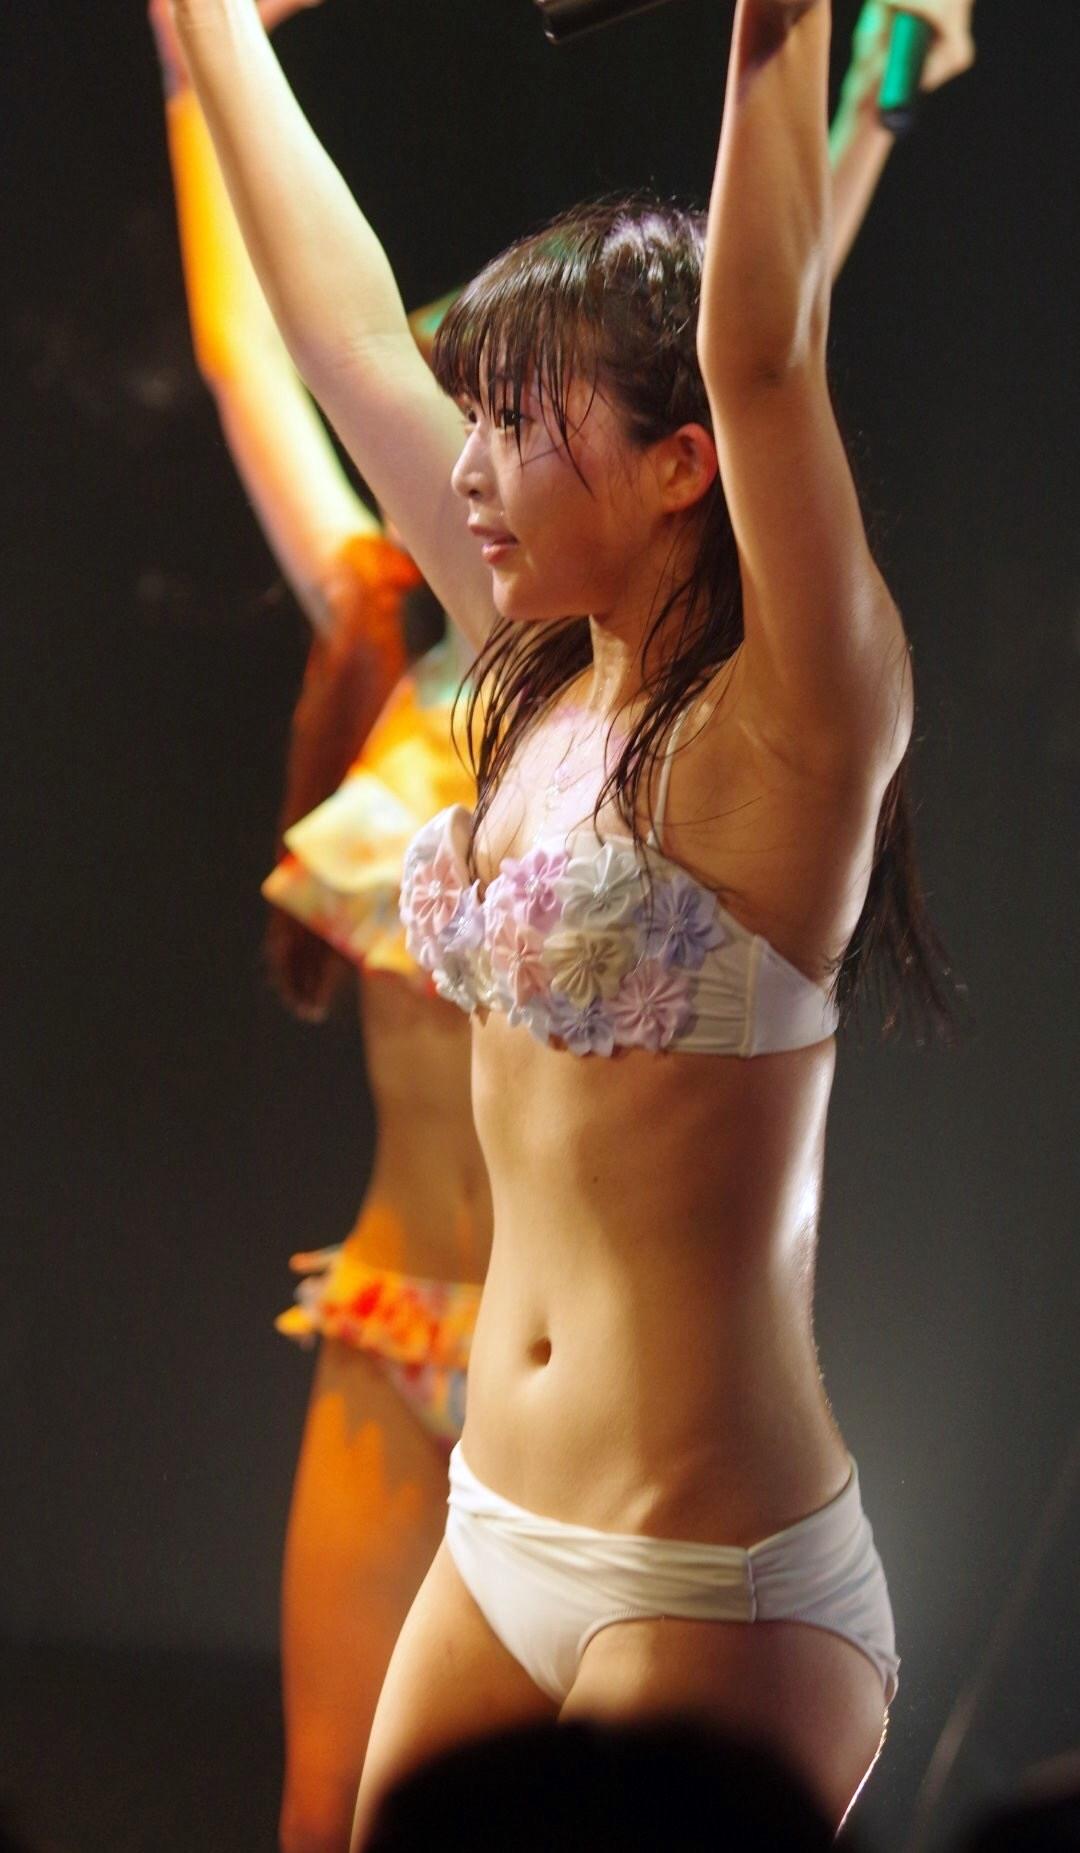 シグサワアオの汗濡れ腋 (8)